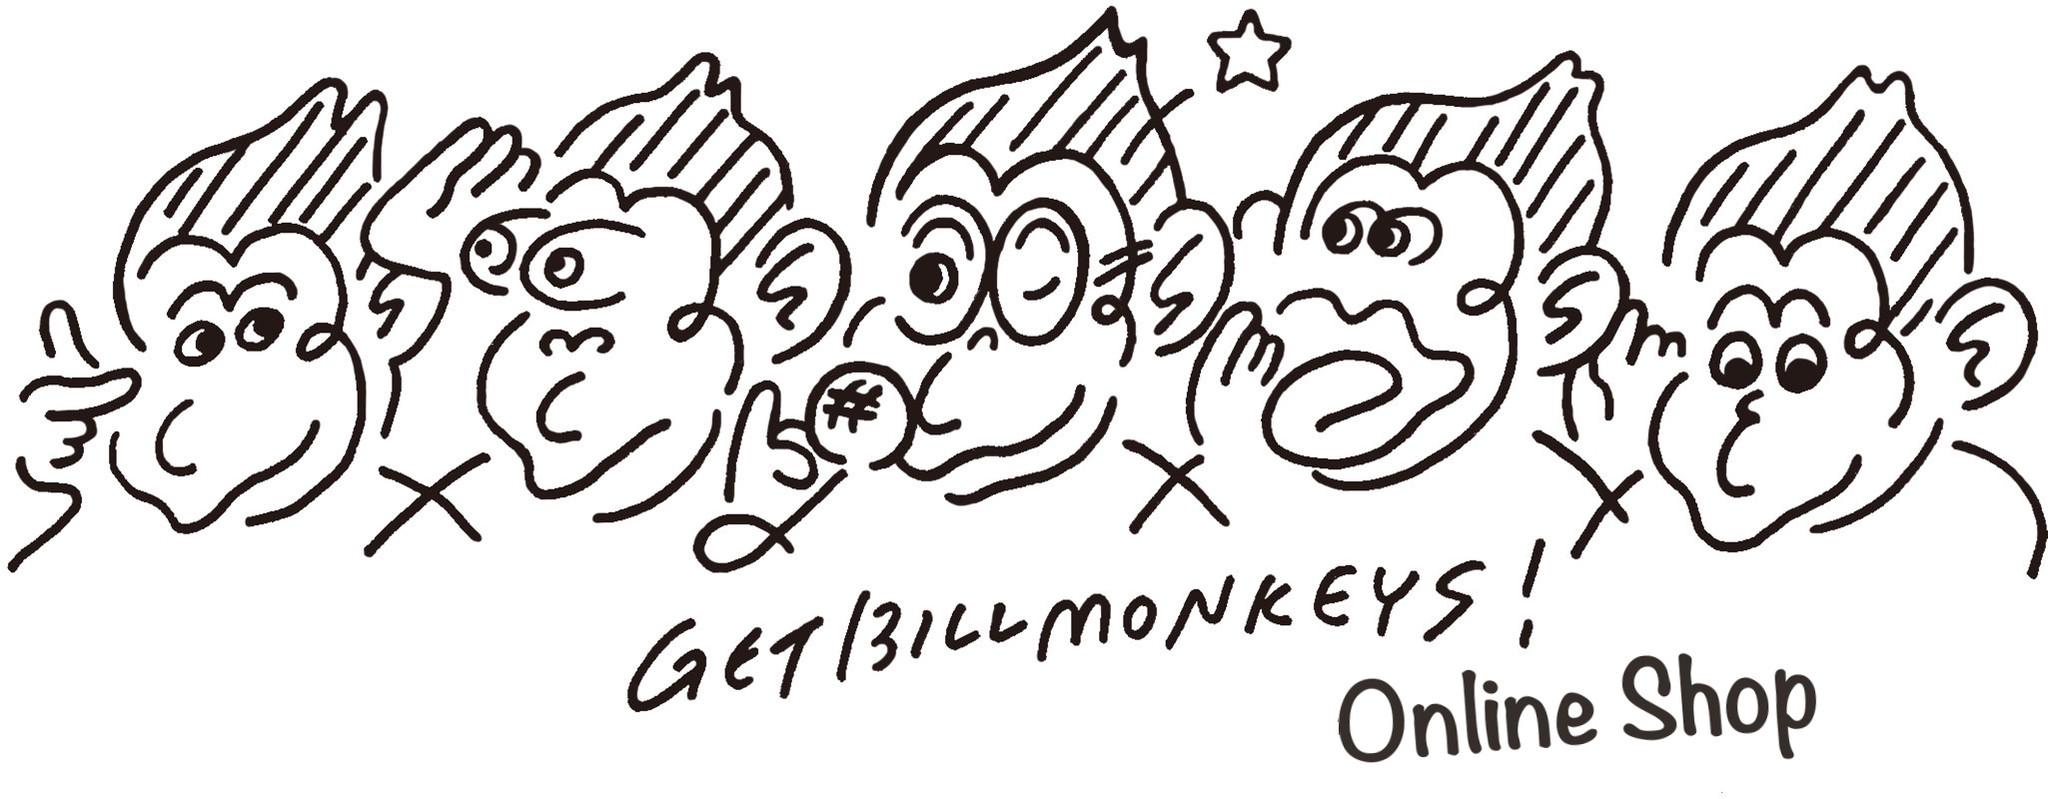 GET BILL MONKEYS Online Shop